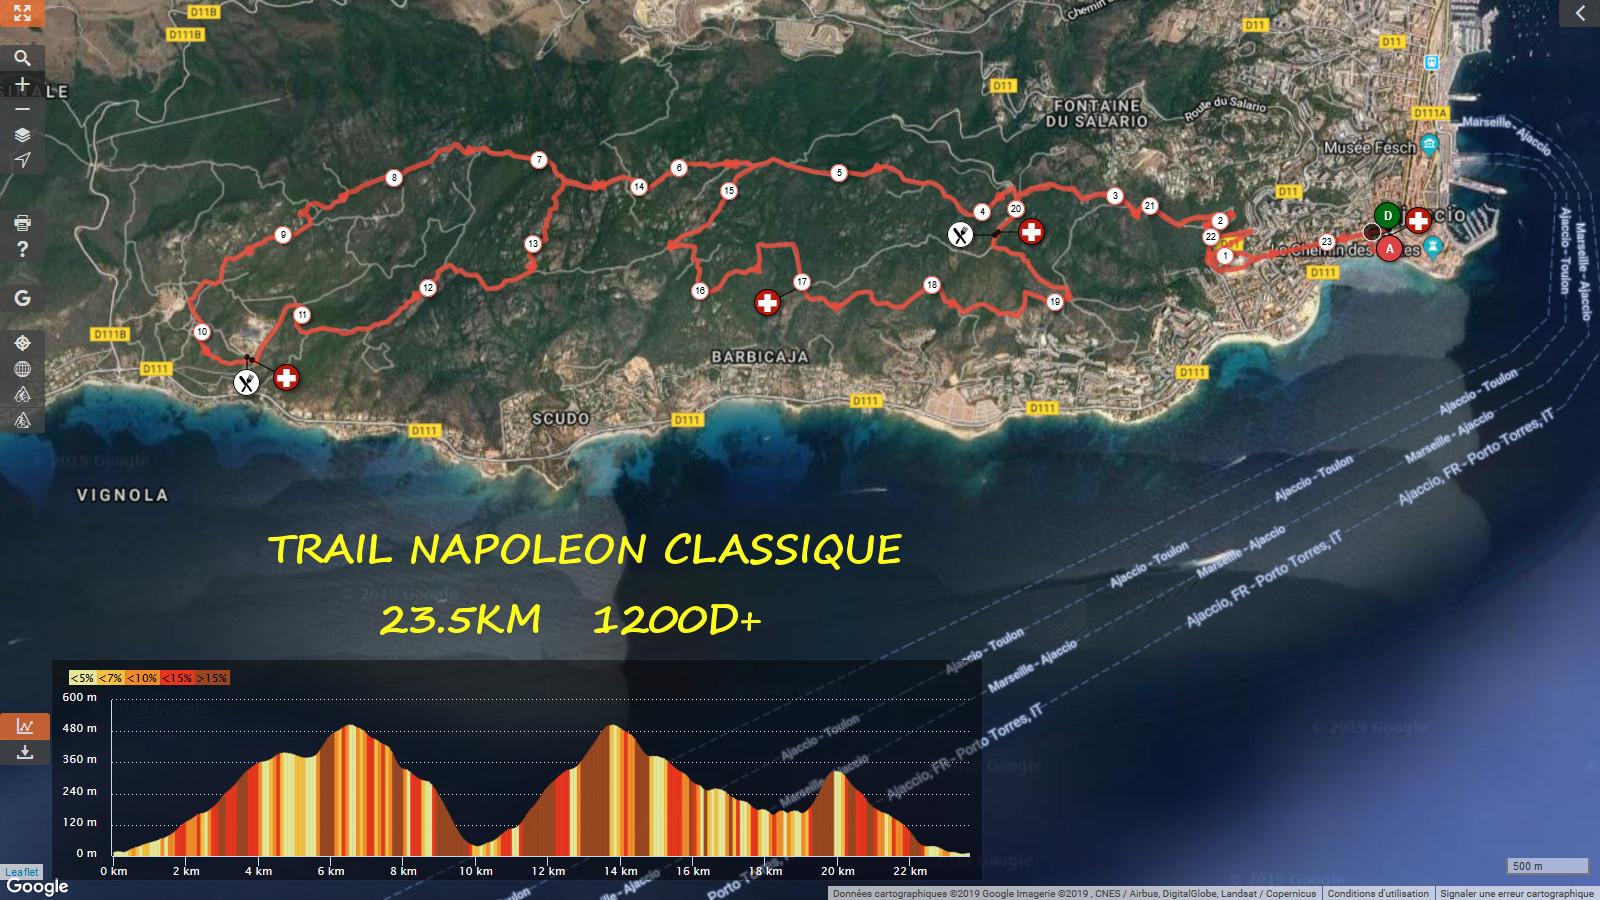 Parcours Trail Napoléon Classique (23 km) Détaillé (Maj 11/11/2016)